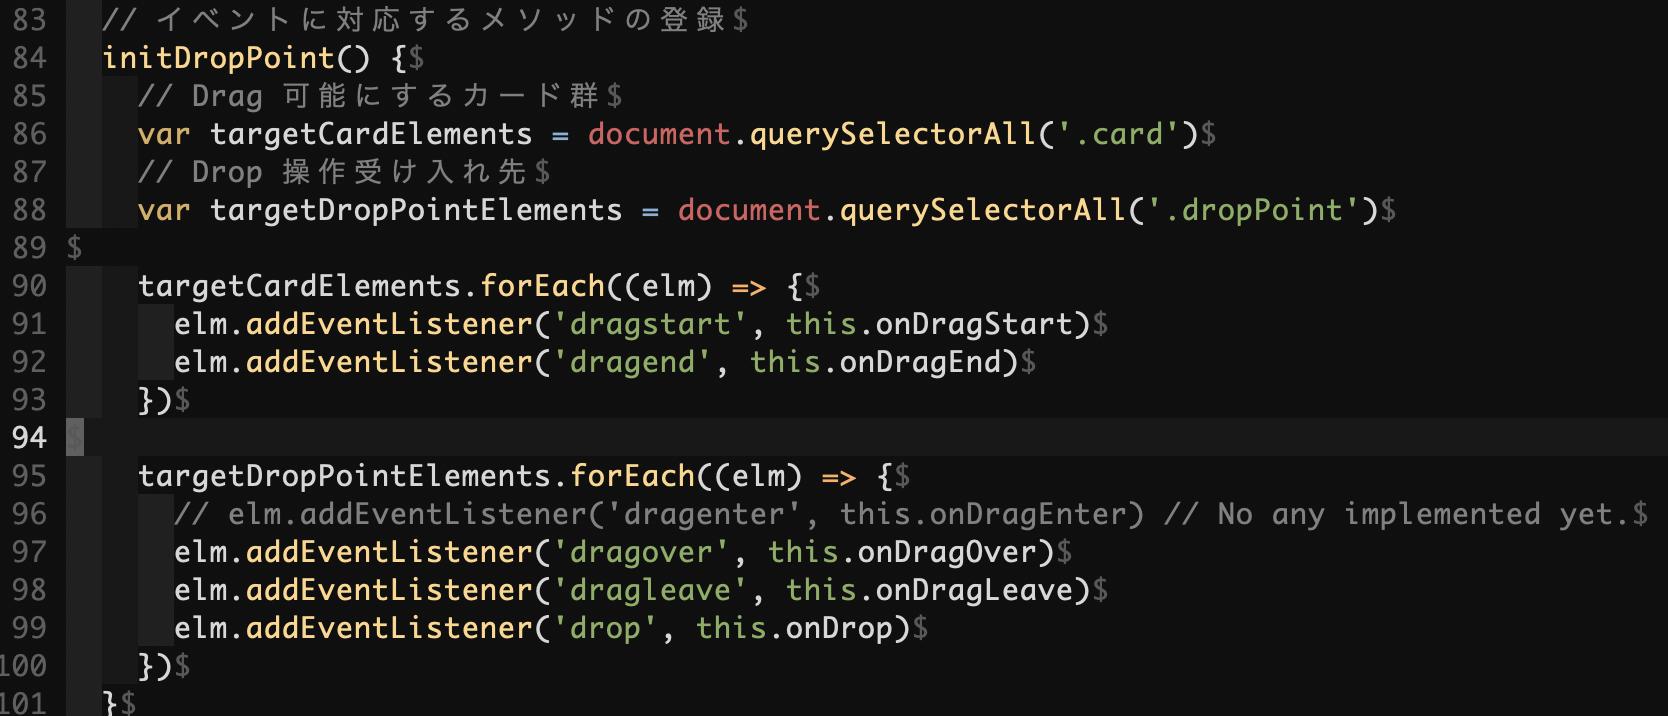 イベント登録処理のコード